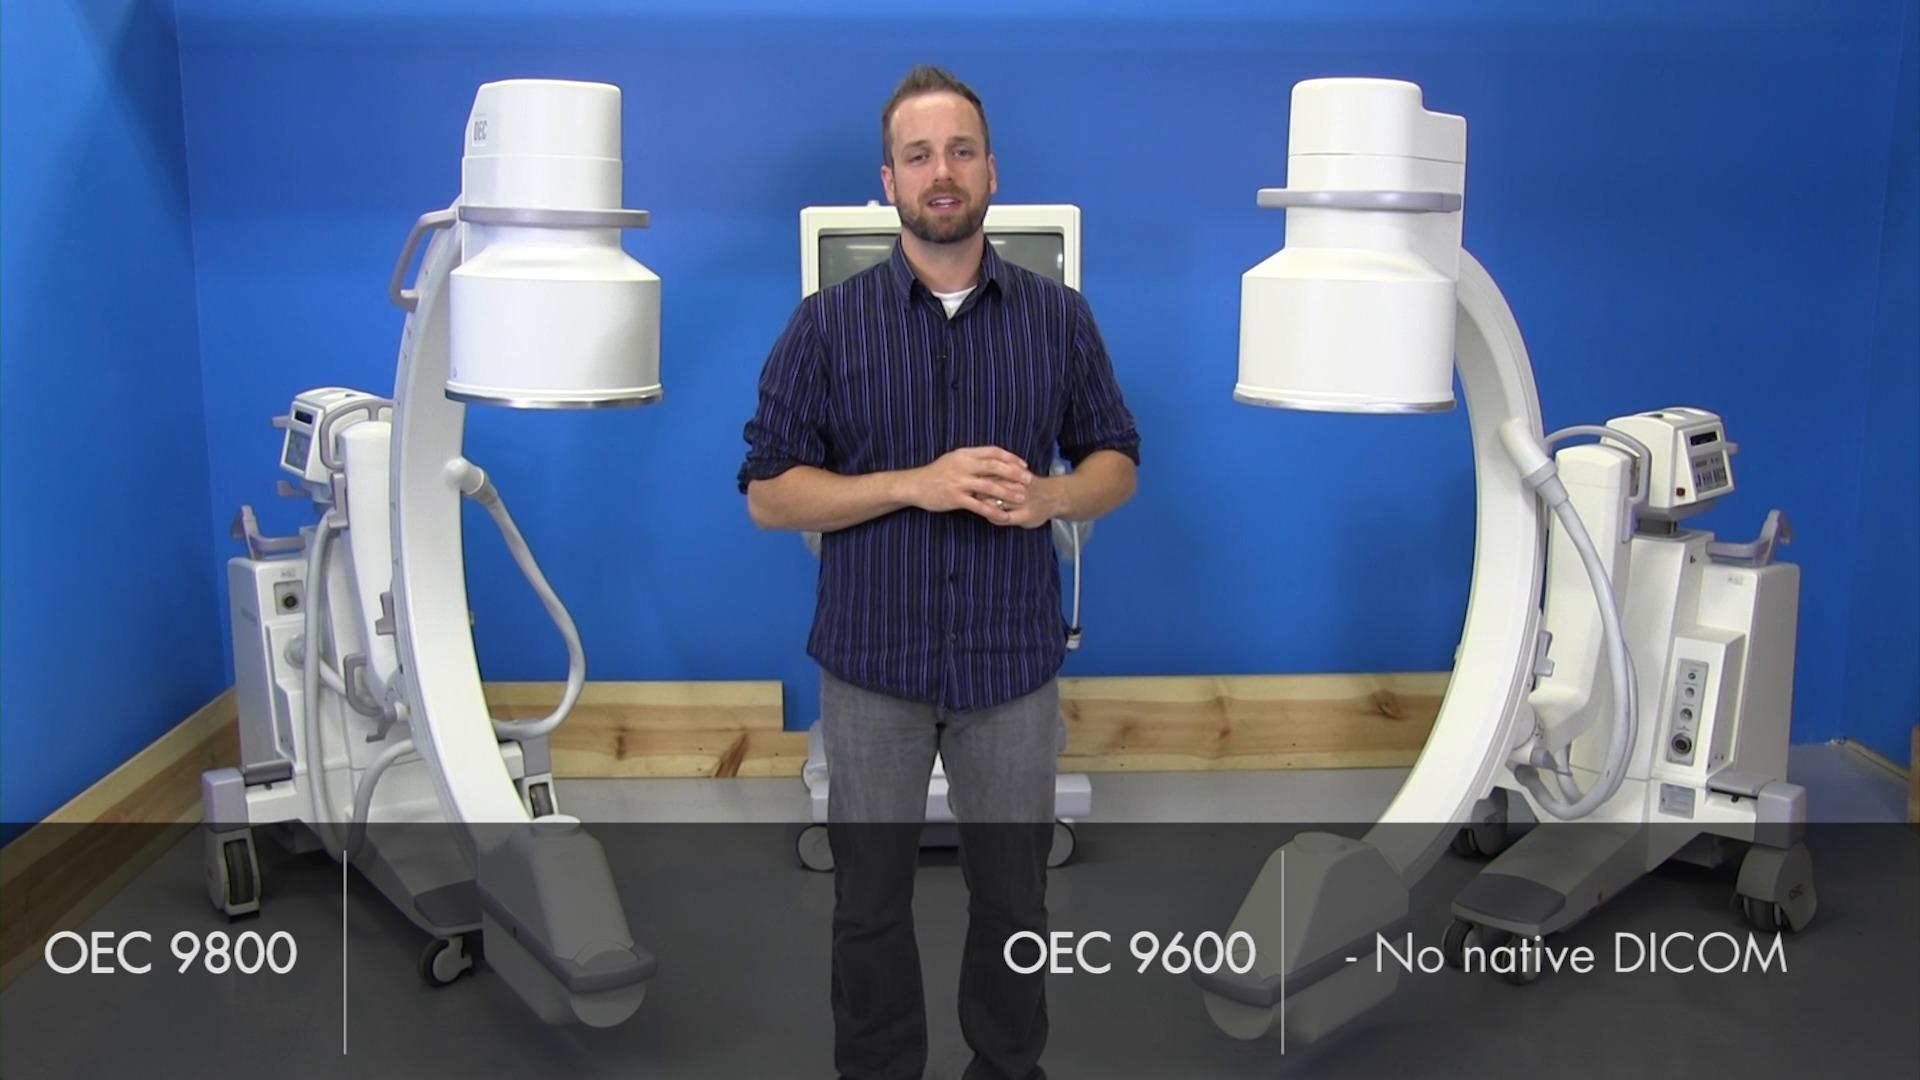 OEC 9800 vs OEC 9600 C-Arm